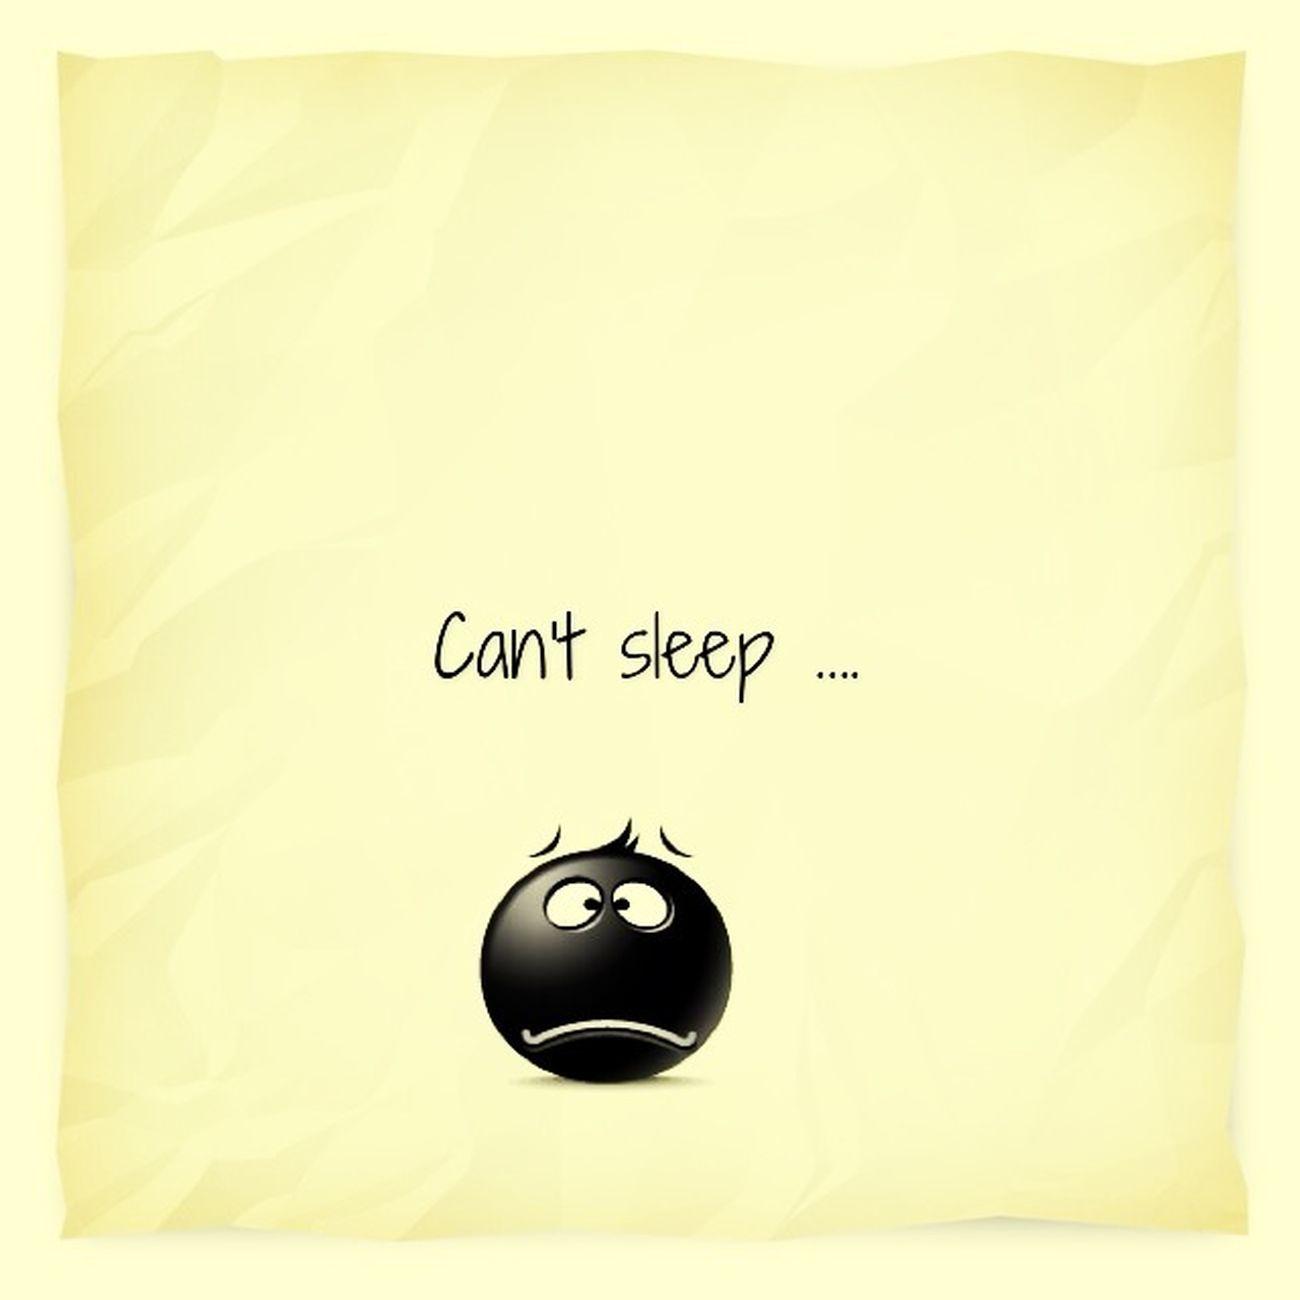 Can't sleep , & I don't feel good ...